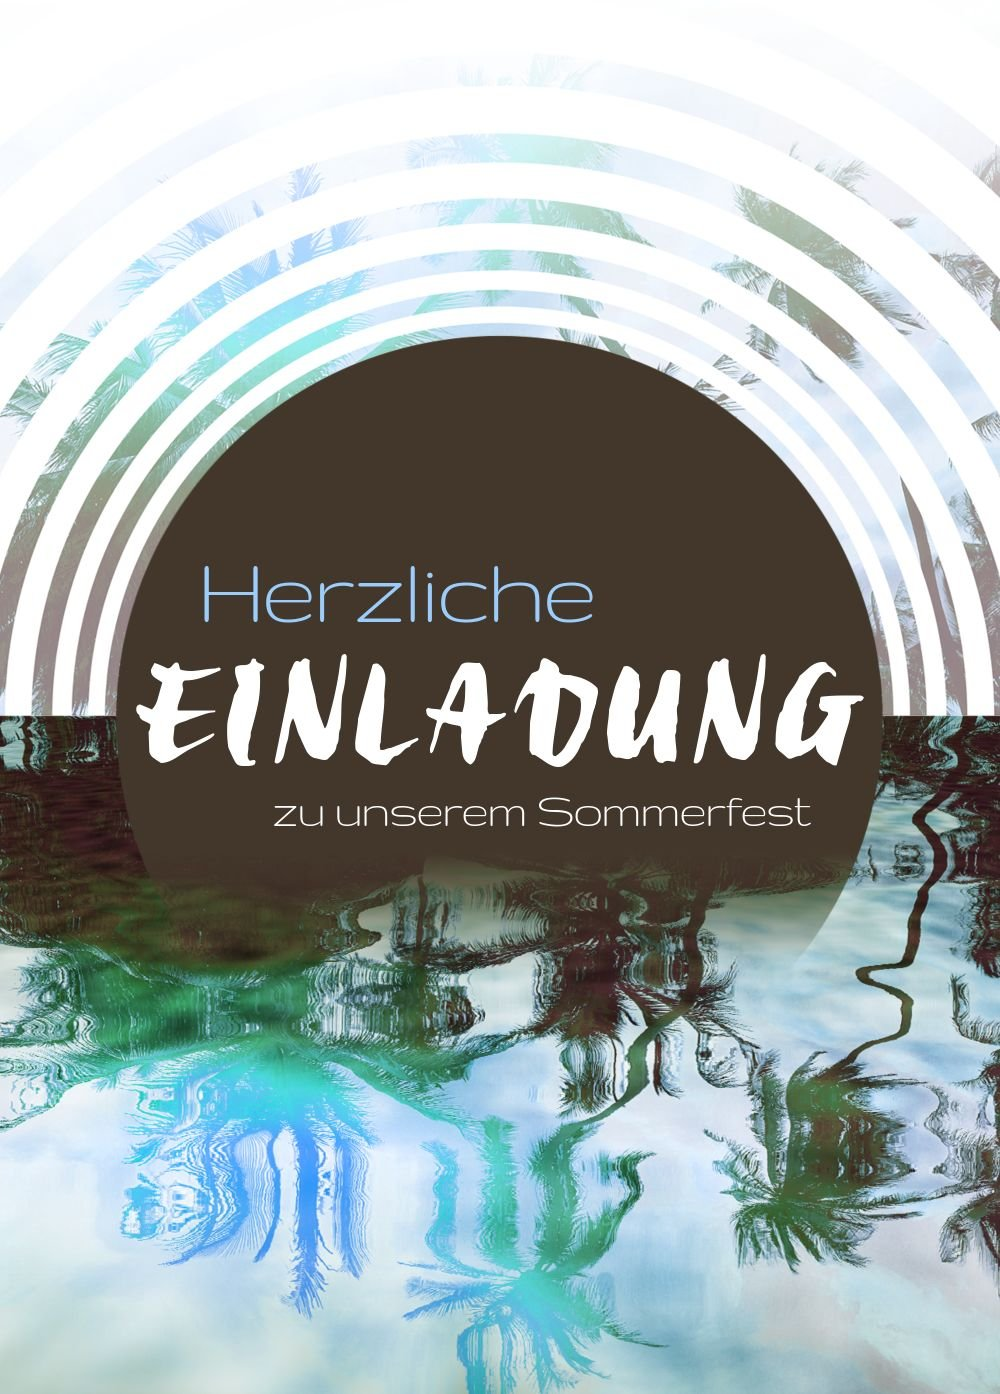 Einladung Einladung Einladung Sommerfest Sonnenaufgang, 60 Karten, HellgrauLila B0744D8Q2P | Hochwertig  | Deutsche Outlets  | Moderater Preis  015345